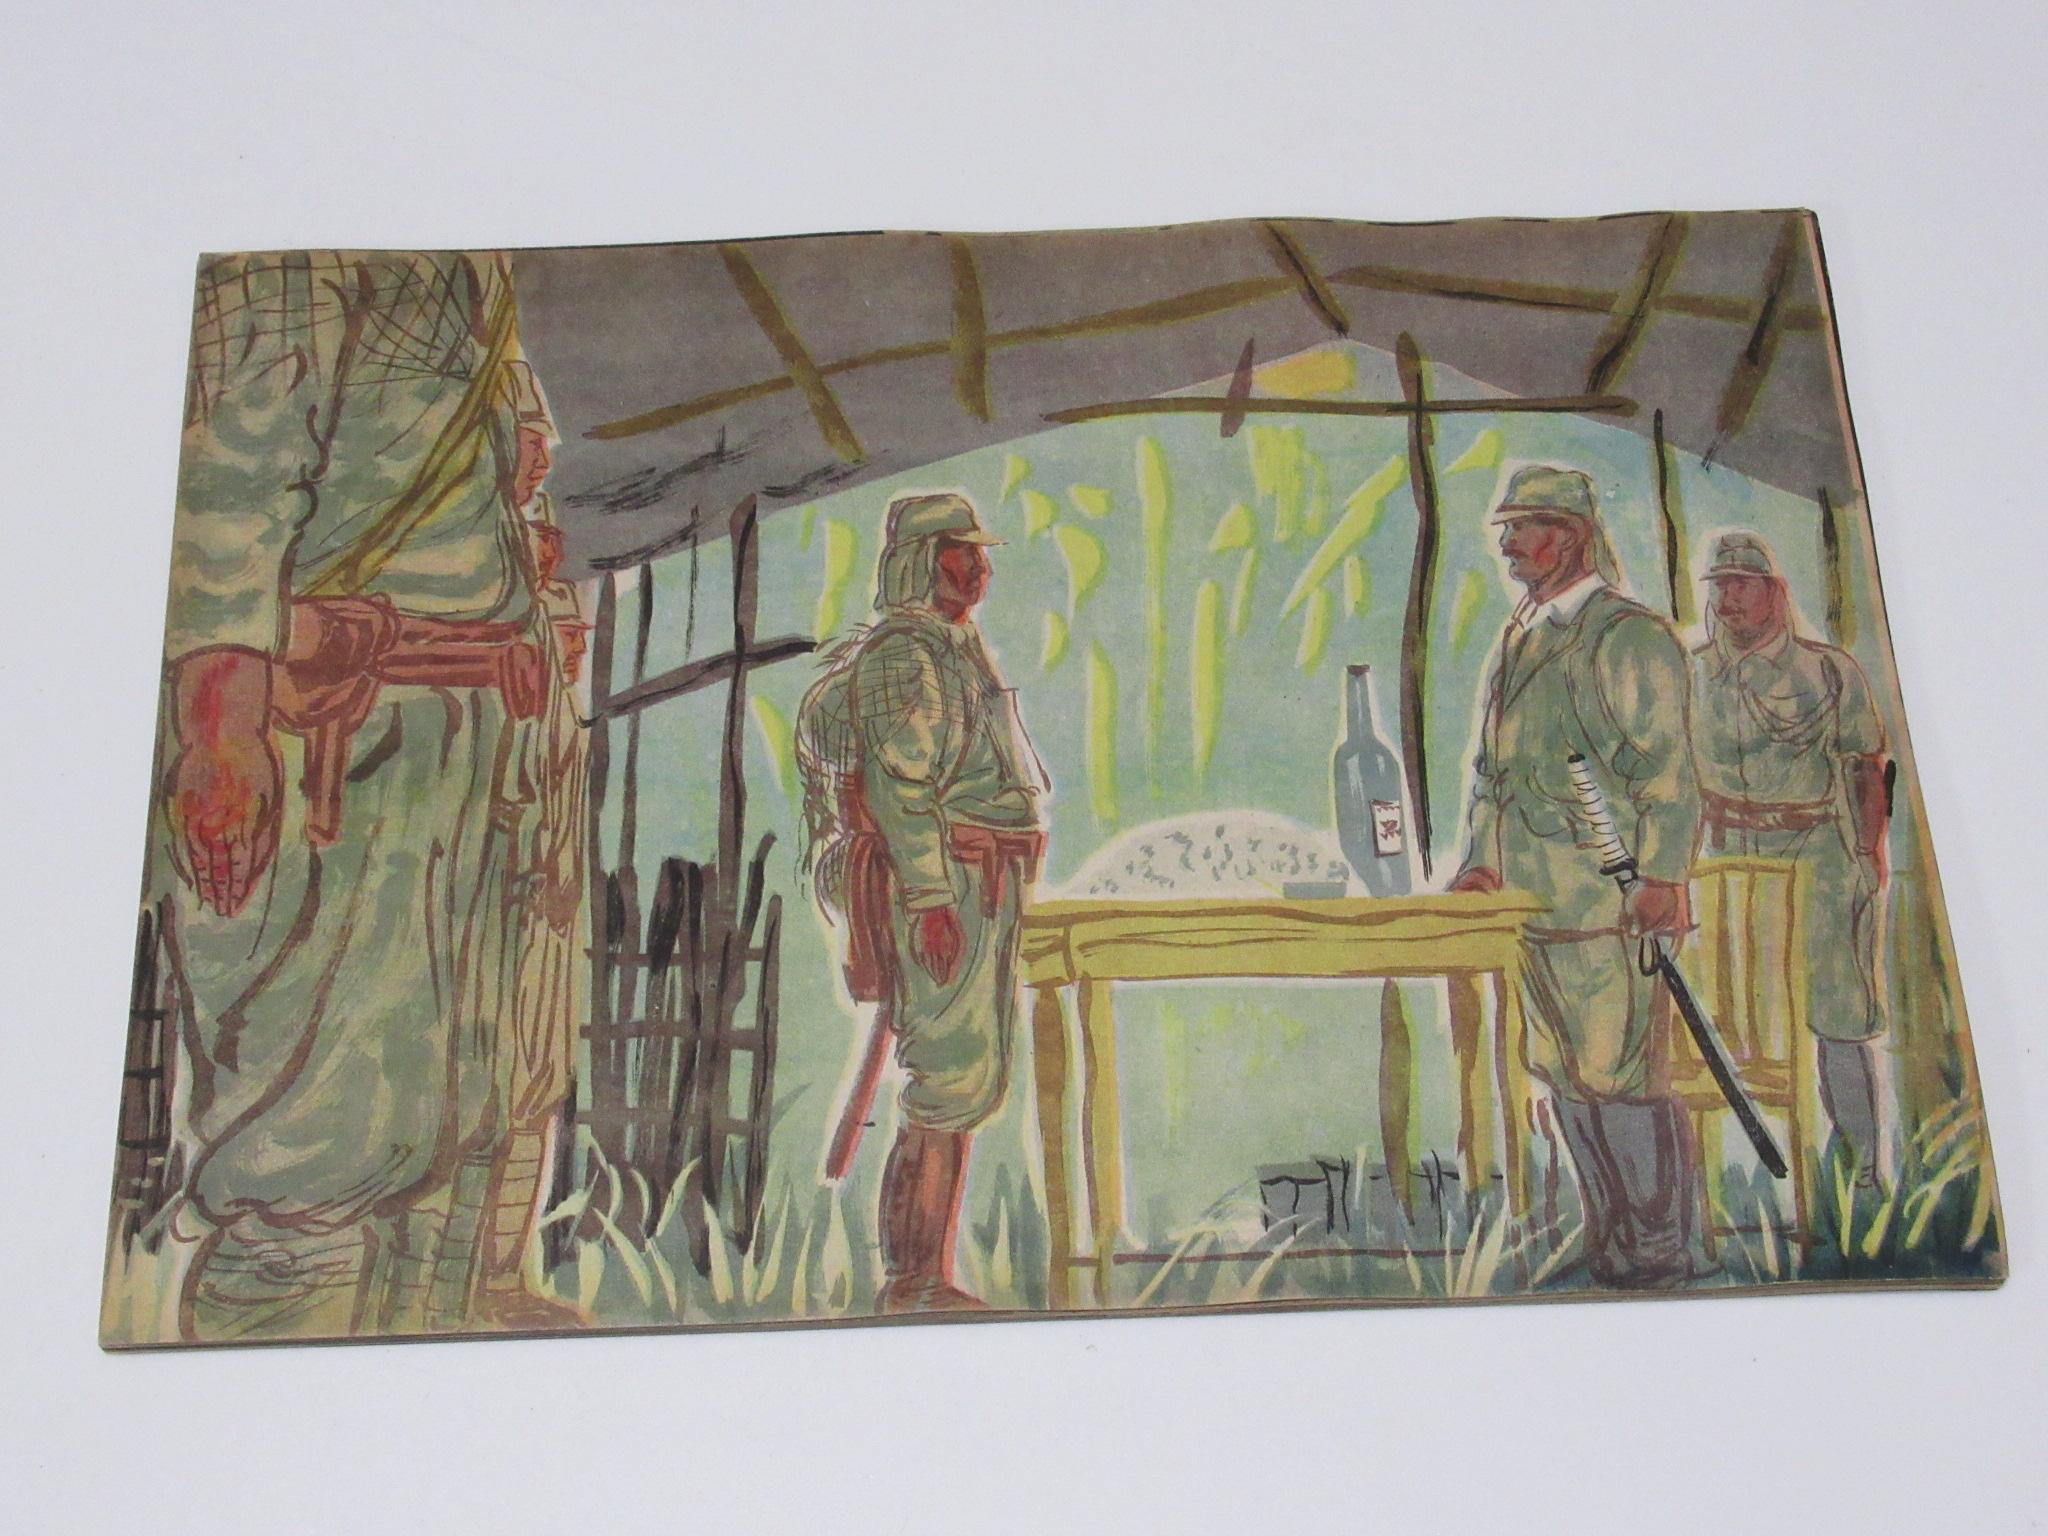 中澤挺身隊 日本教育紙芝居協会作品 ガダルカナル島 大東亜戦争